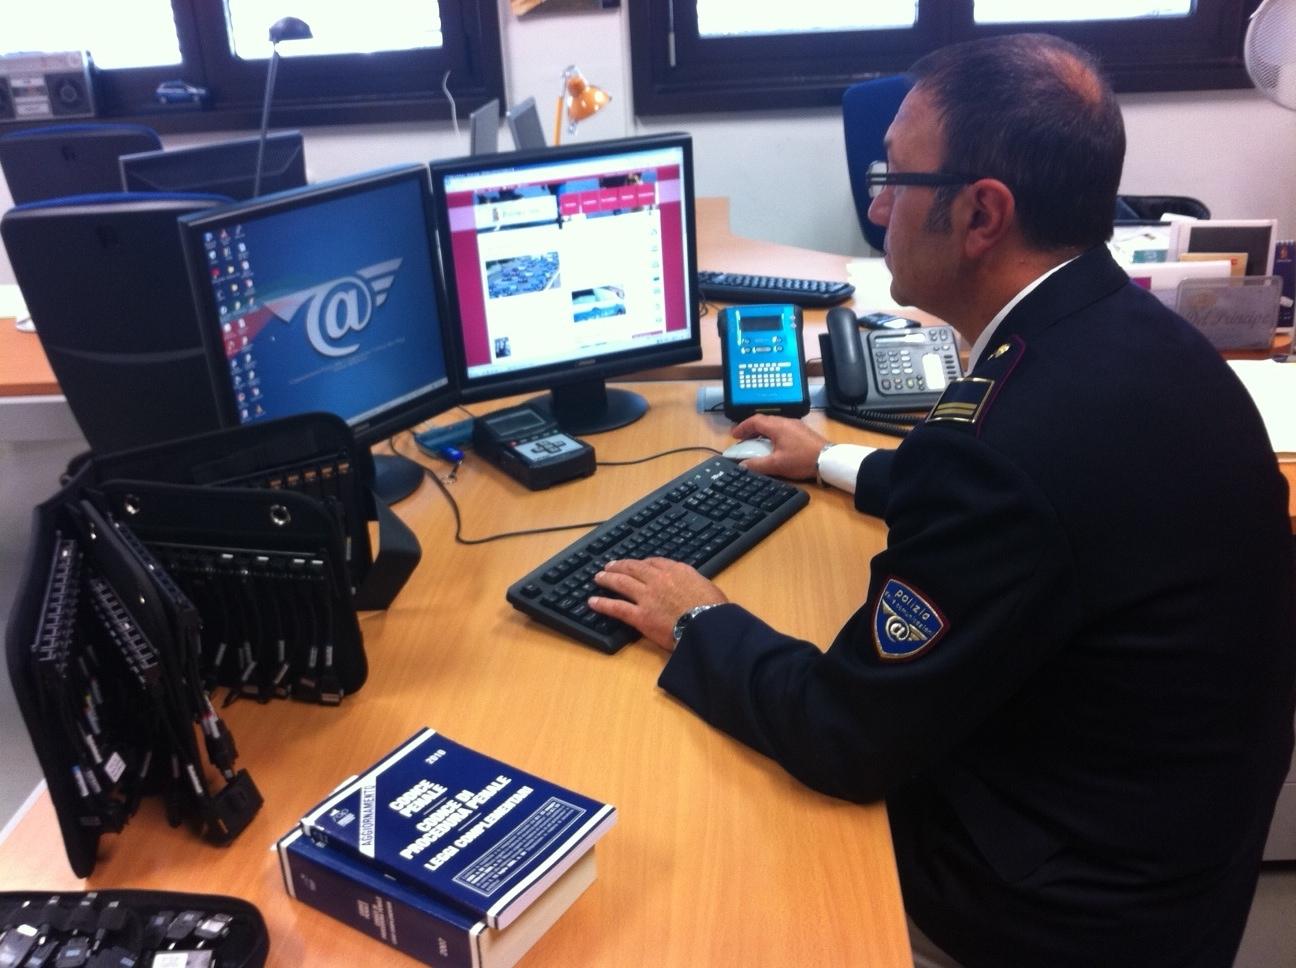 Polizia di stato questure sul web bolzano for Questura alessandria permesso di soggiorno